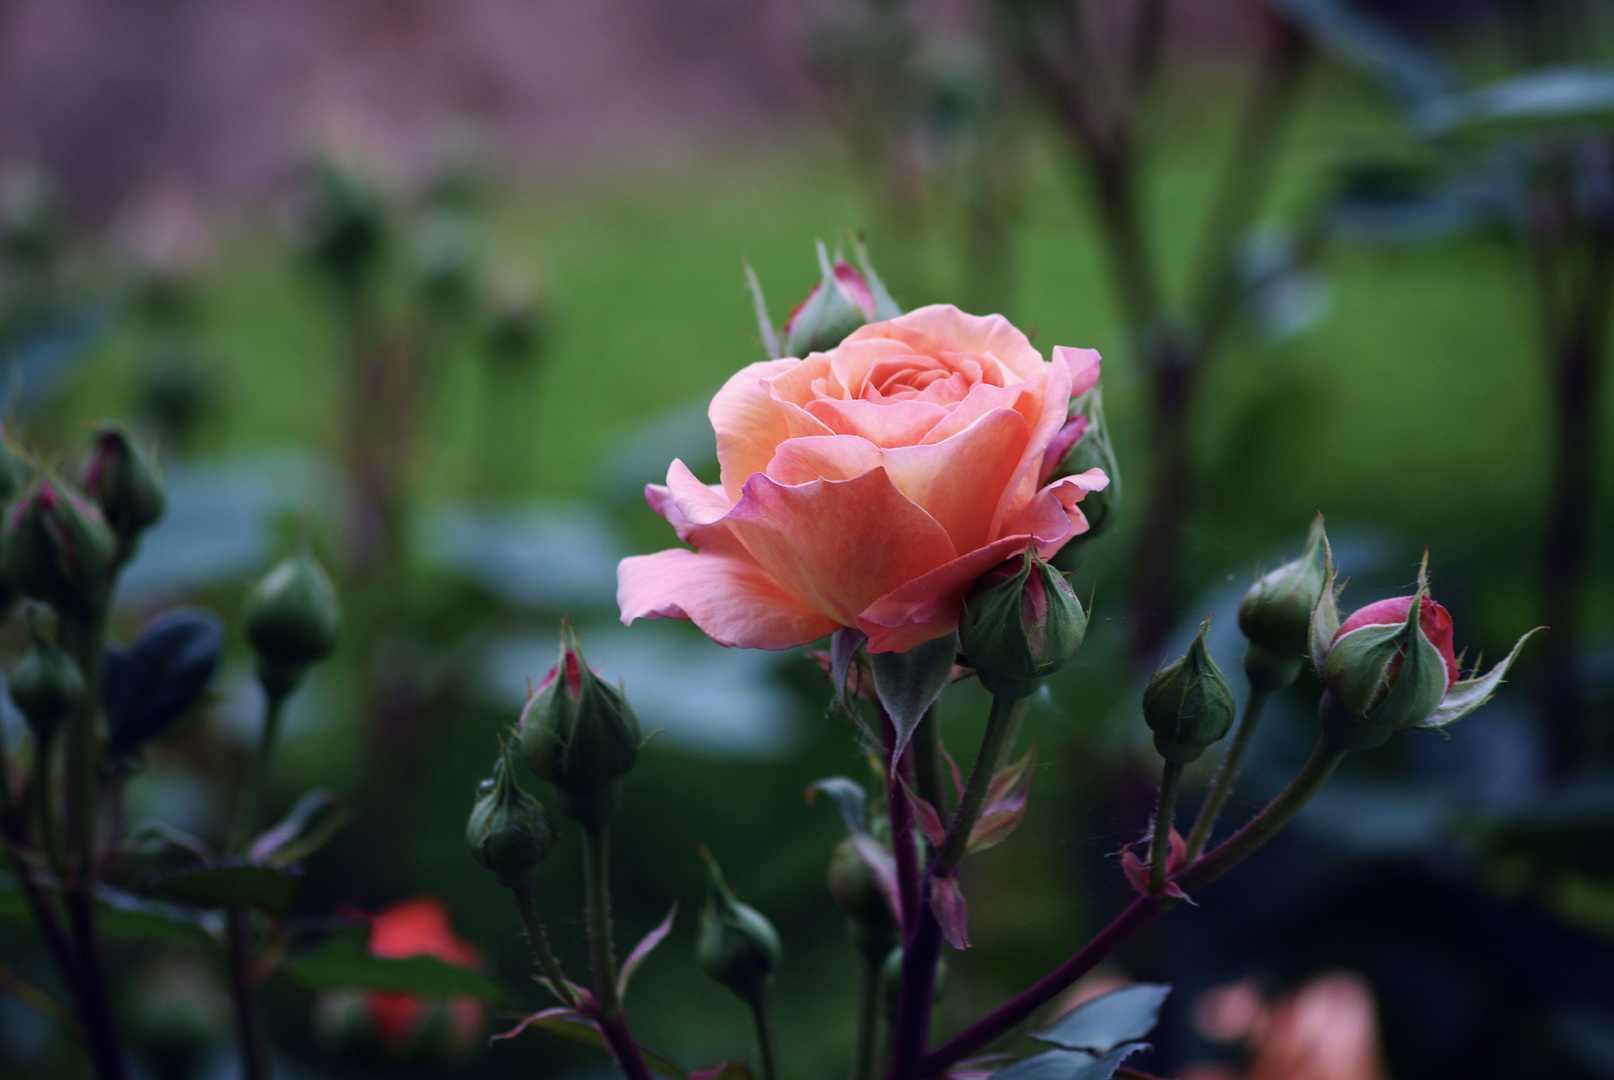 Ich komme immer wieder auf die Rosen zurück ...